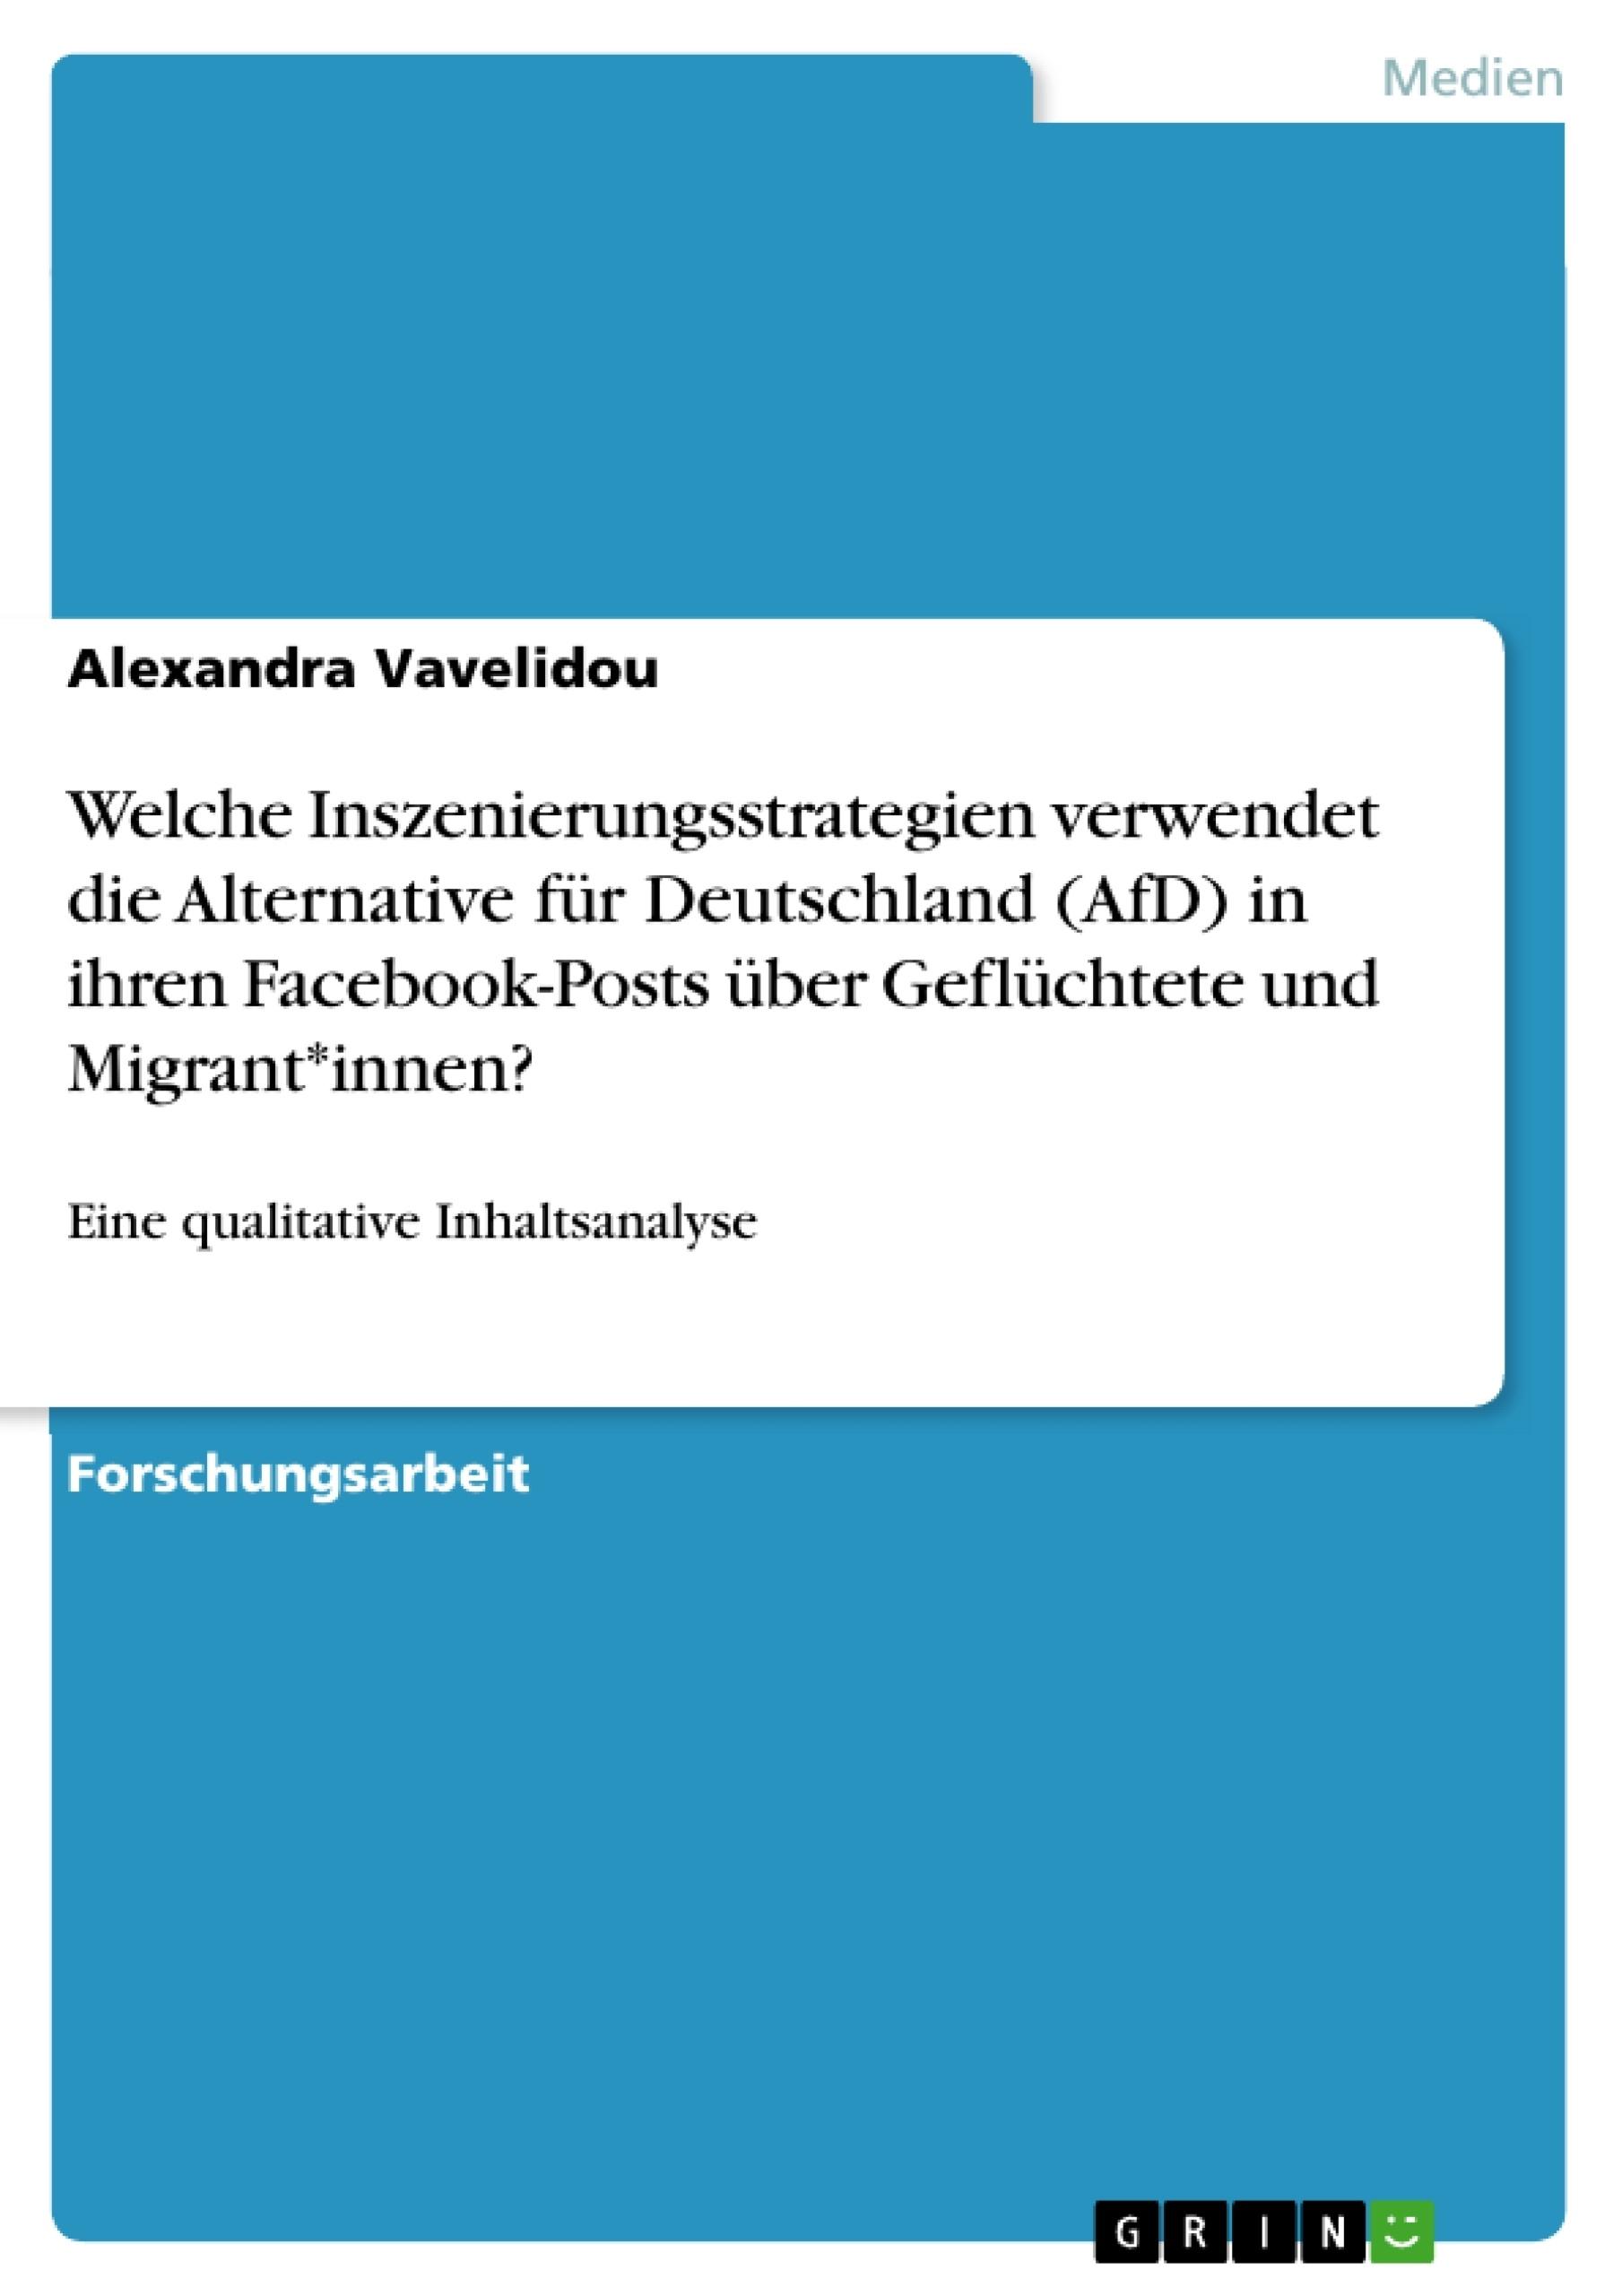 Titel: Welche Inszenierungsstrategien verwendet die Alternative für Deutschland (AfD) in ihren Facebook-Posts über Geflüchtete und Migrant*innen?